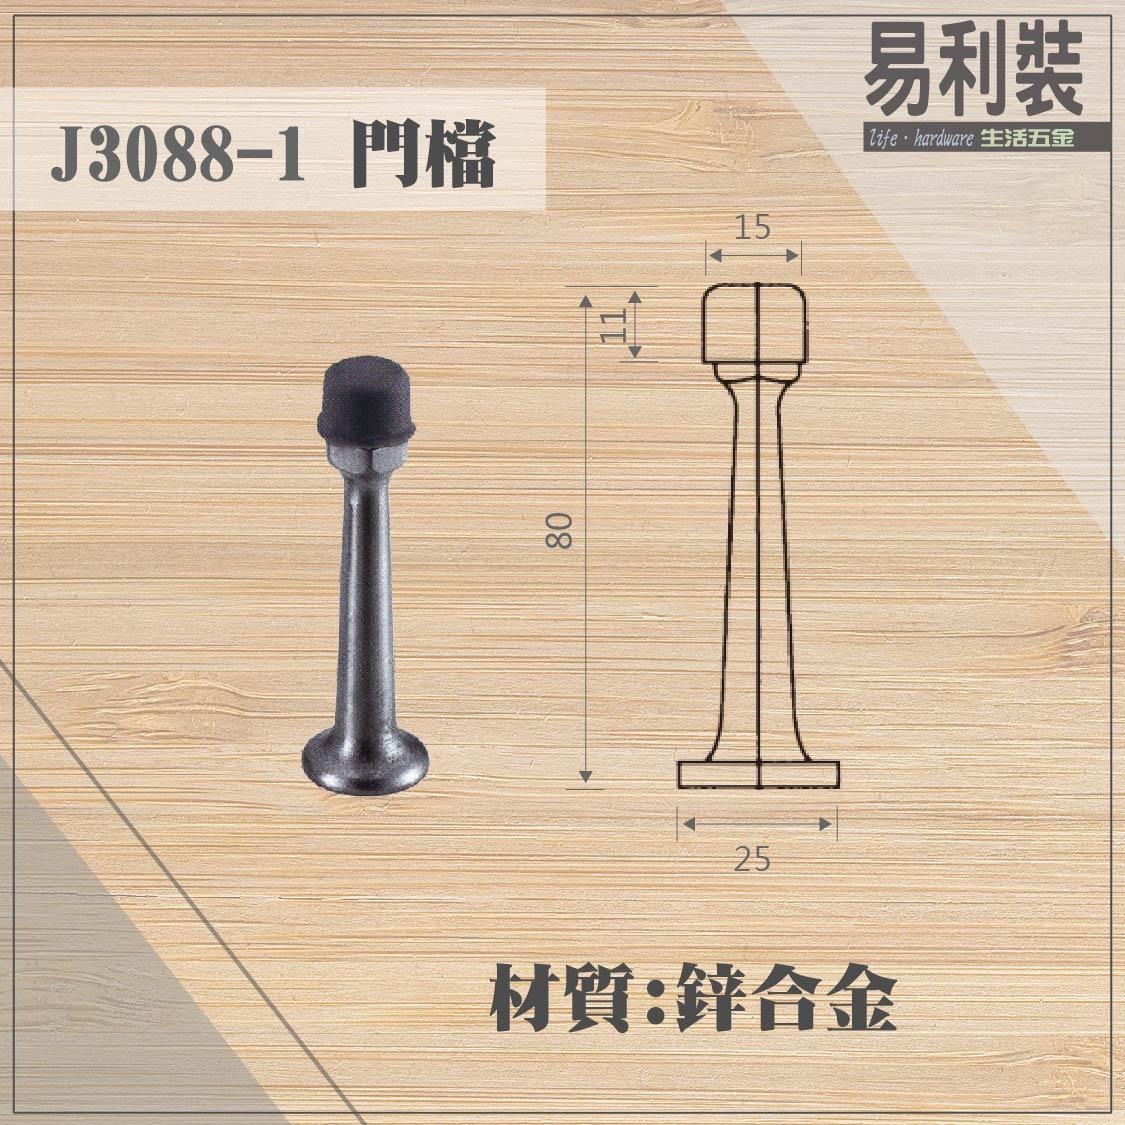 【 EASYCAN  】J3088-1 不鏽鋼門檔 易利裝生活五金 浴室 廚房 房間 臥房 衣櫃 小資族 辦公家具 系統家具 1